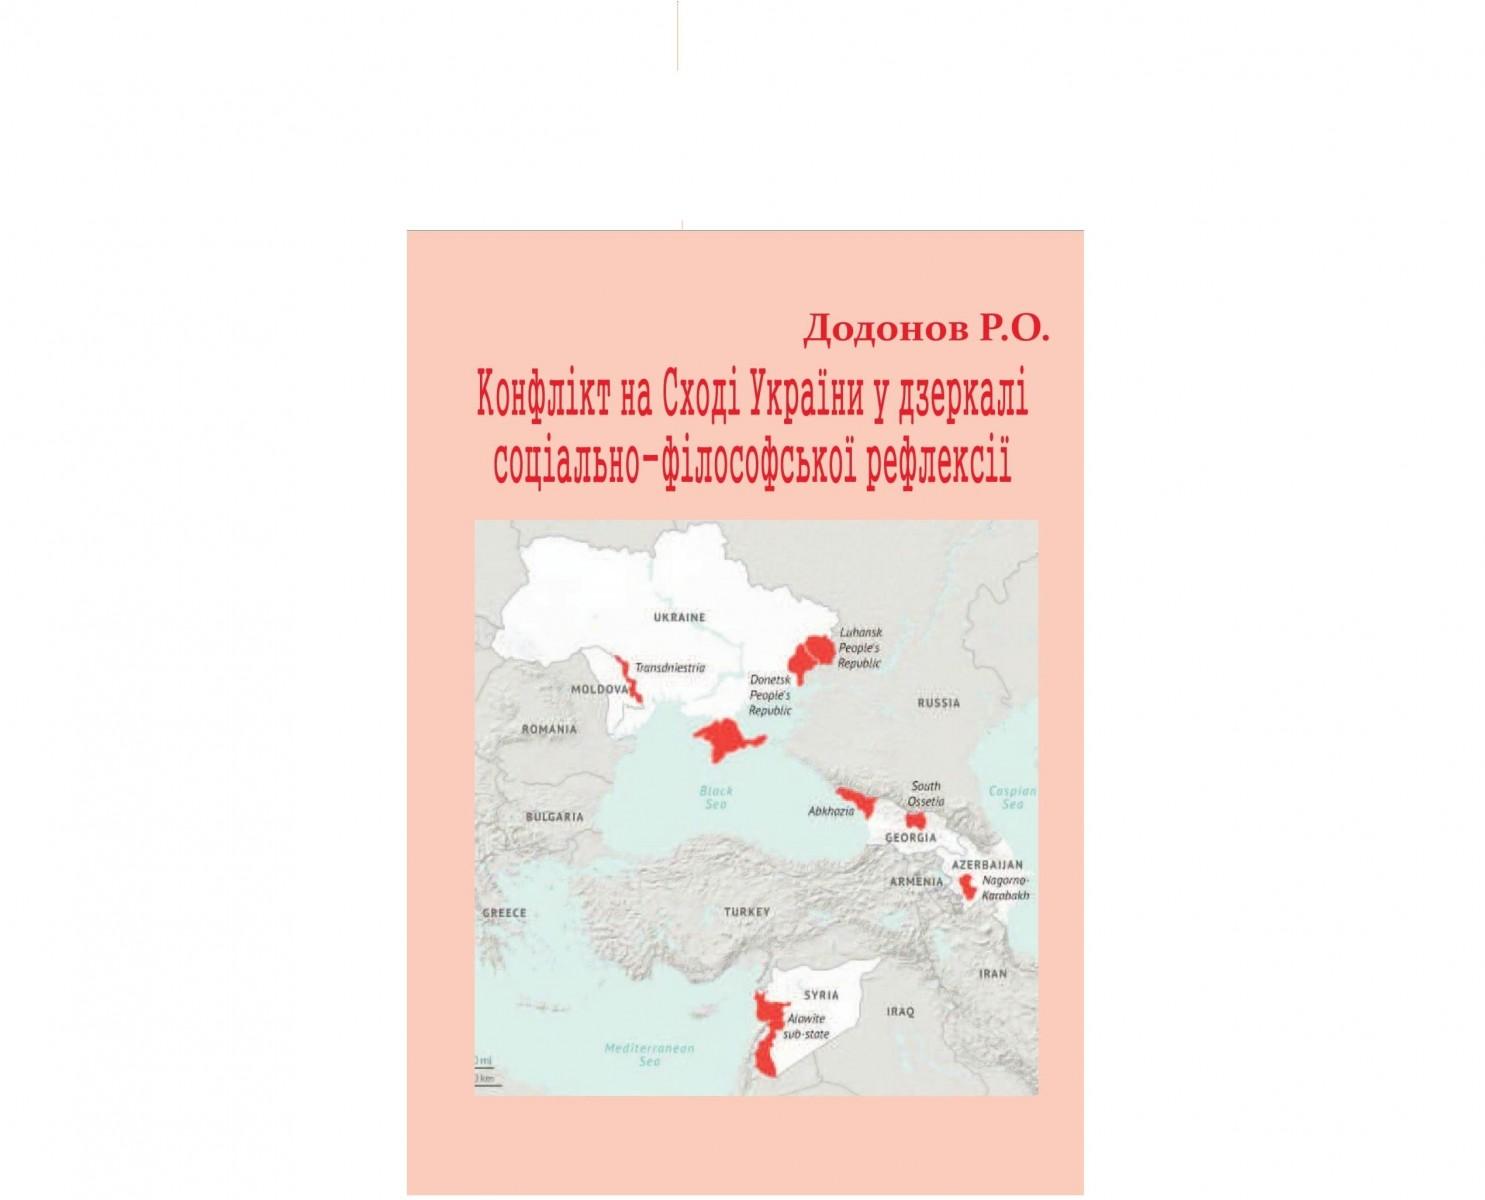 Исследование «Конфликт на Востоке Украины в зеркале социально-философской рефлексии» теперь доступно на сайте УИСГРА